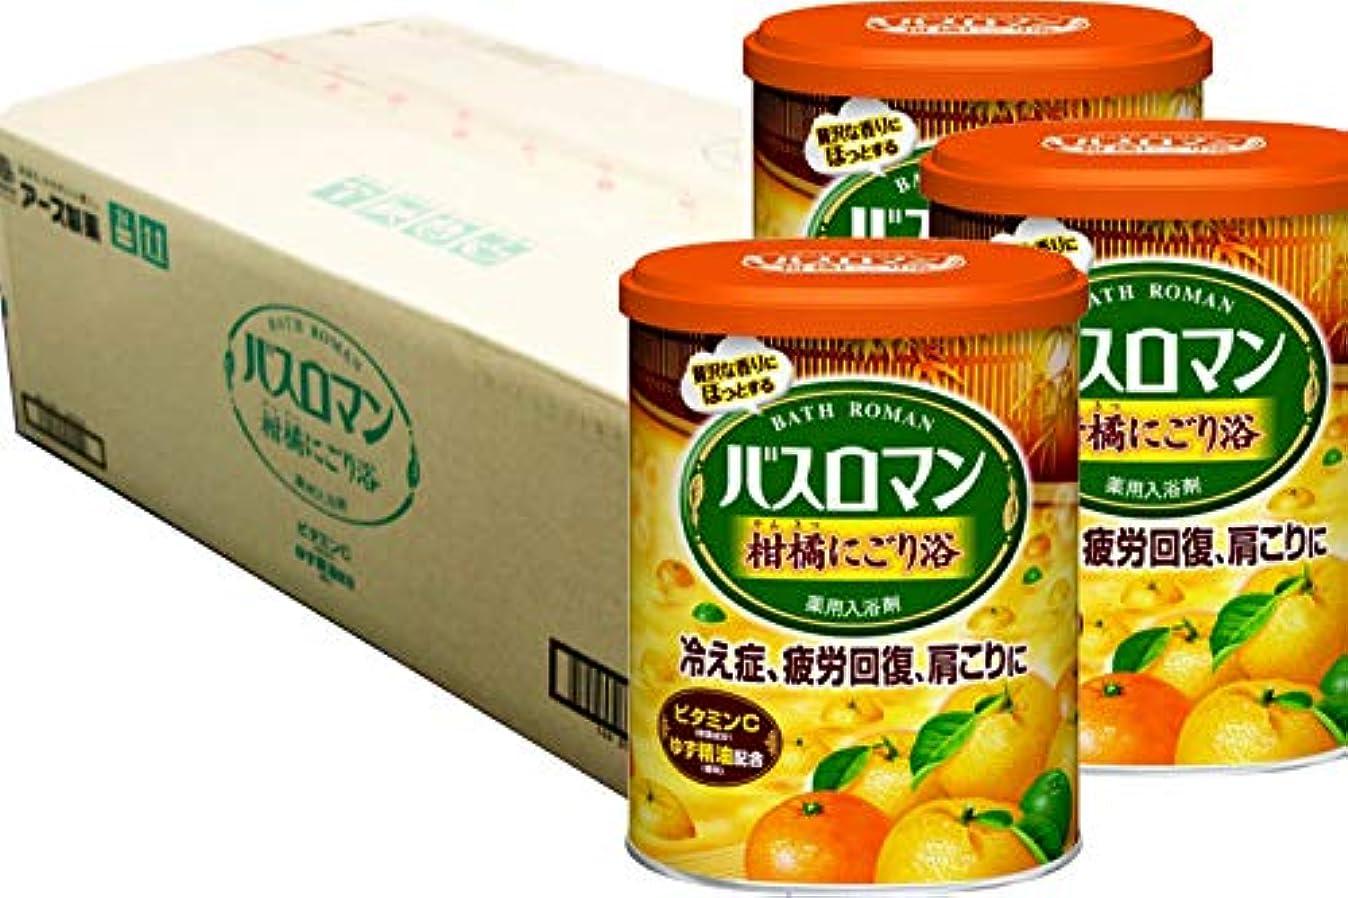 リフレッシュグローブ子猫バスロマン 柑橘にごり浴 (1ケース(12個入))